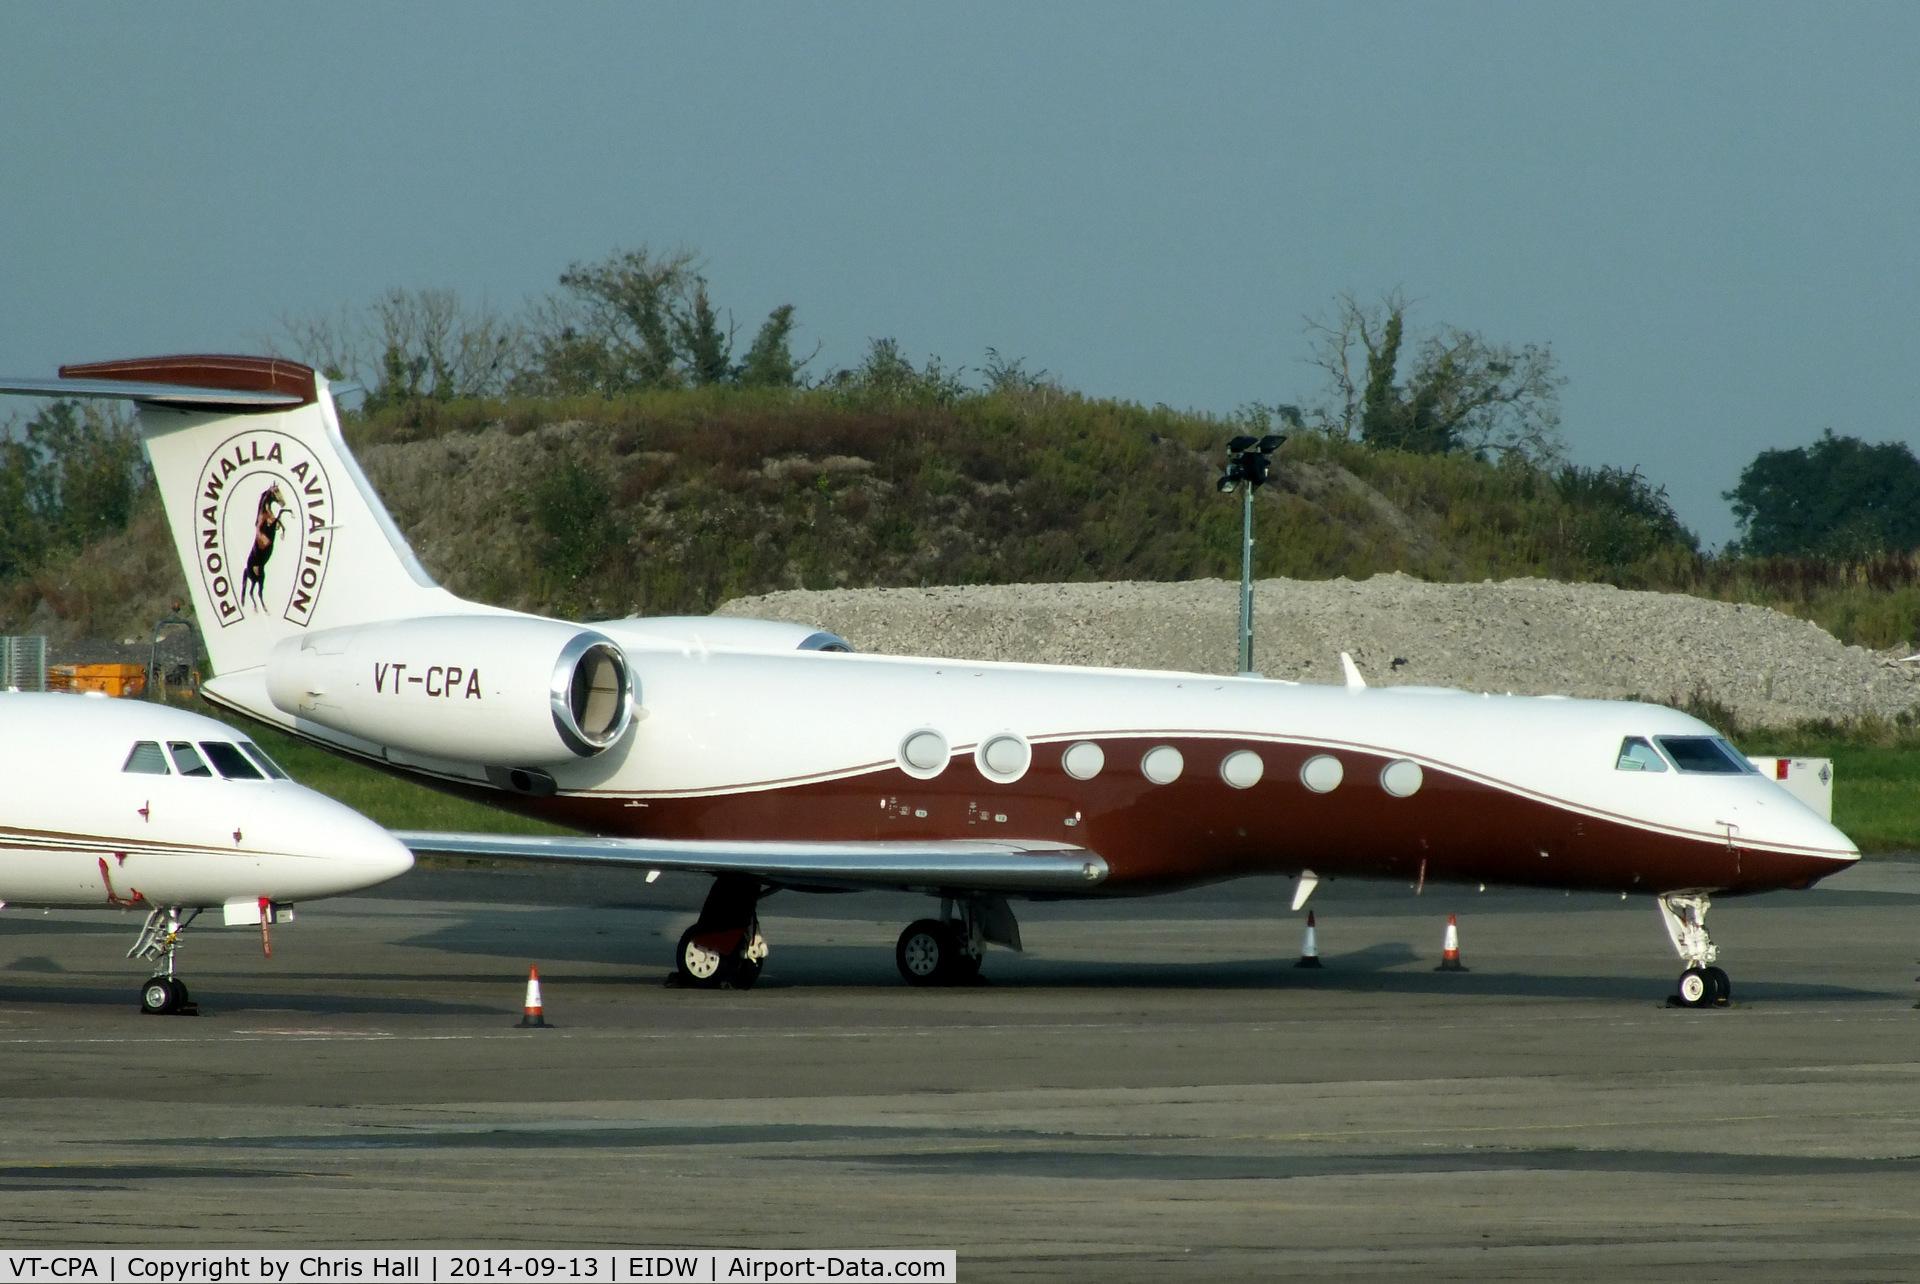 VT-CPA, 2013 Gulfstream Aerospace V-SP G550 C/N 5427, Poonawalla Aviation